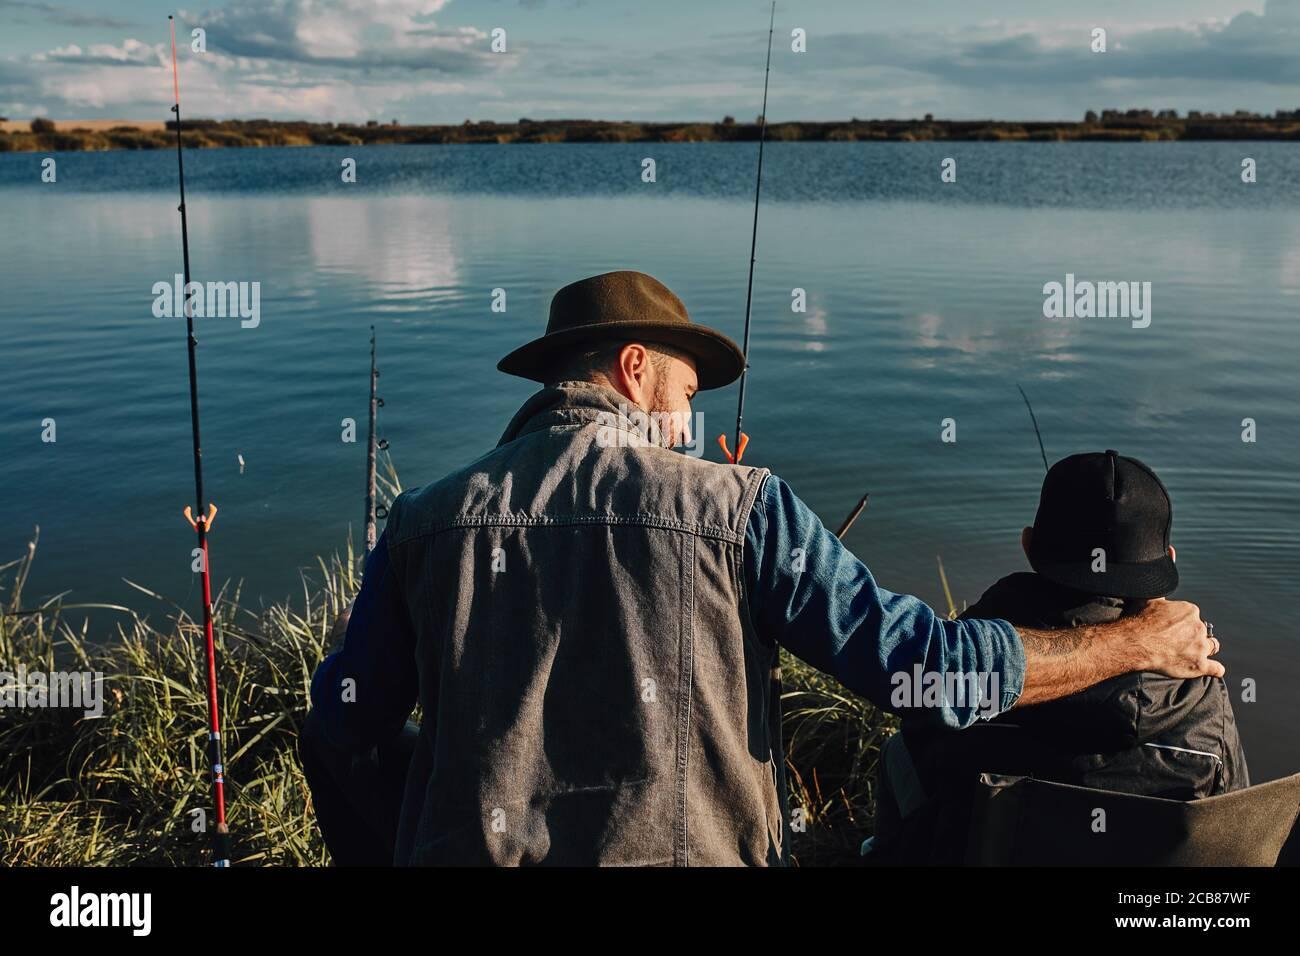 Las espaldas del padre y el hijo caucásicos se sientan cerca del lago en sillas de pesca. Están felices de pasar tiempo juntos. Cálido día soleado. Foto de stock